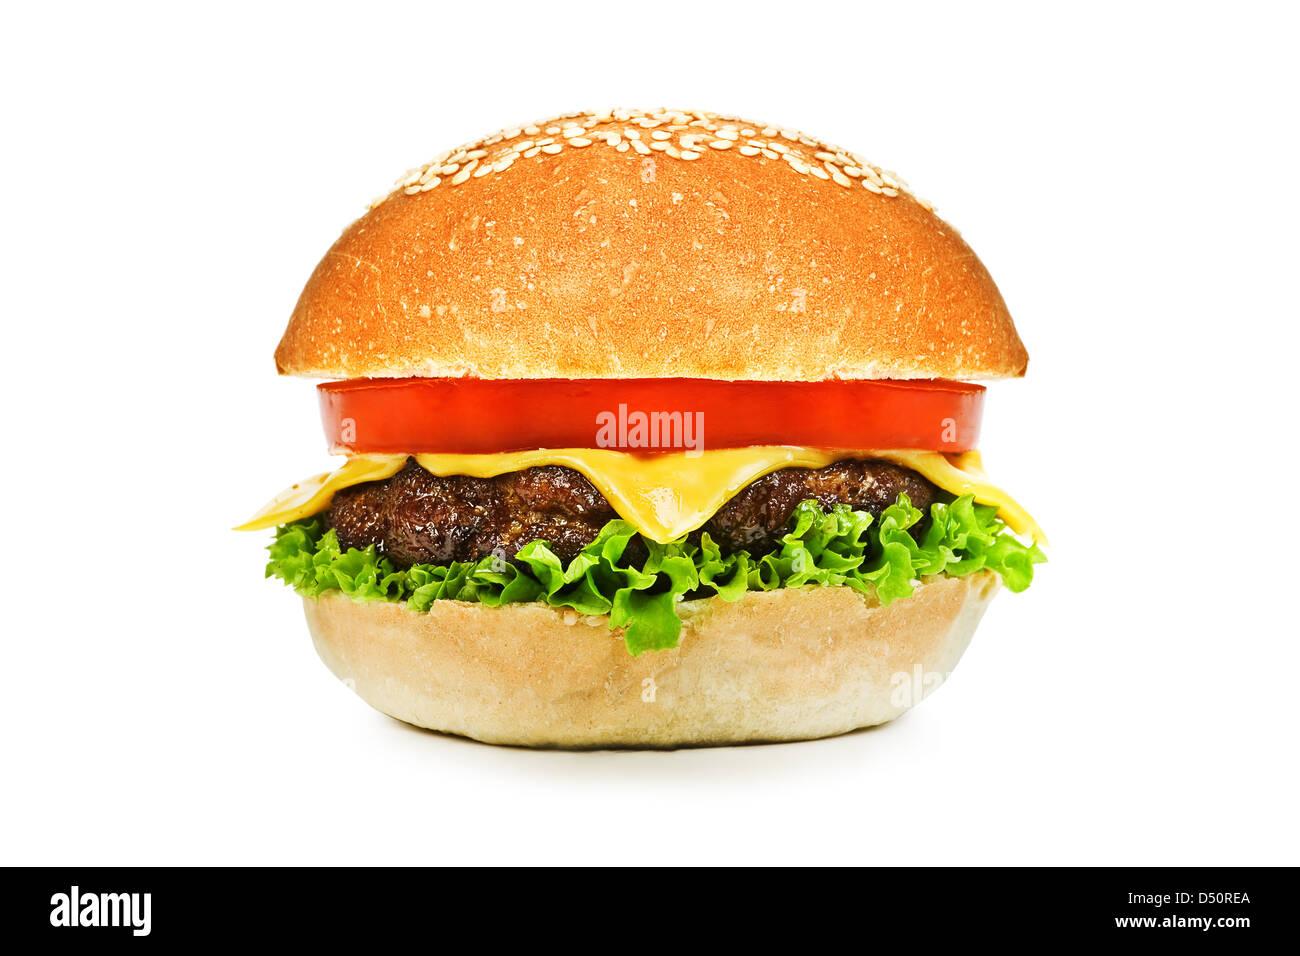 Sandwich mit roten Zwiebeln, isoliert Stockbild